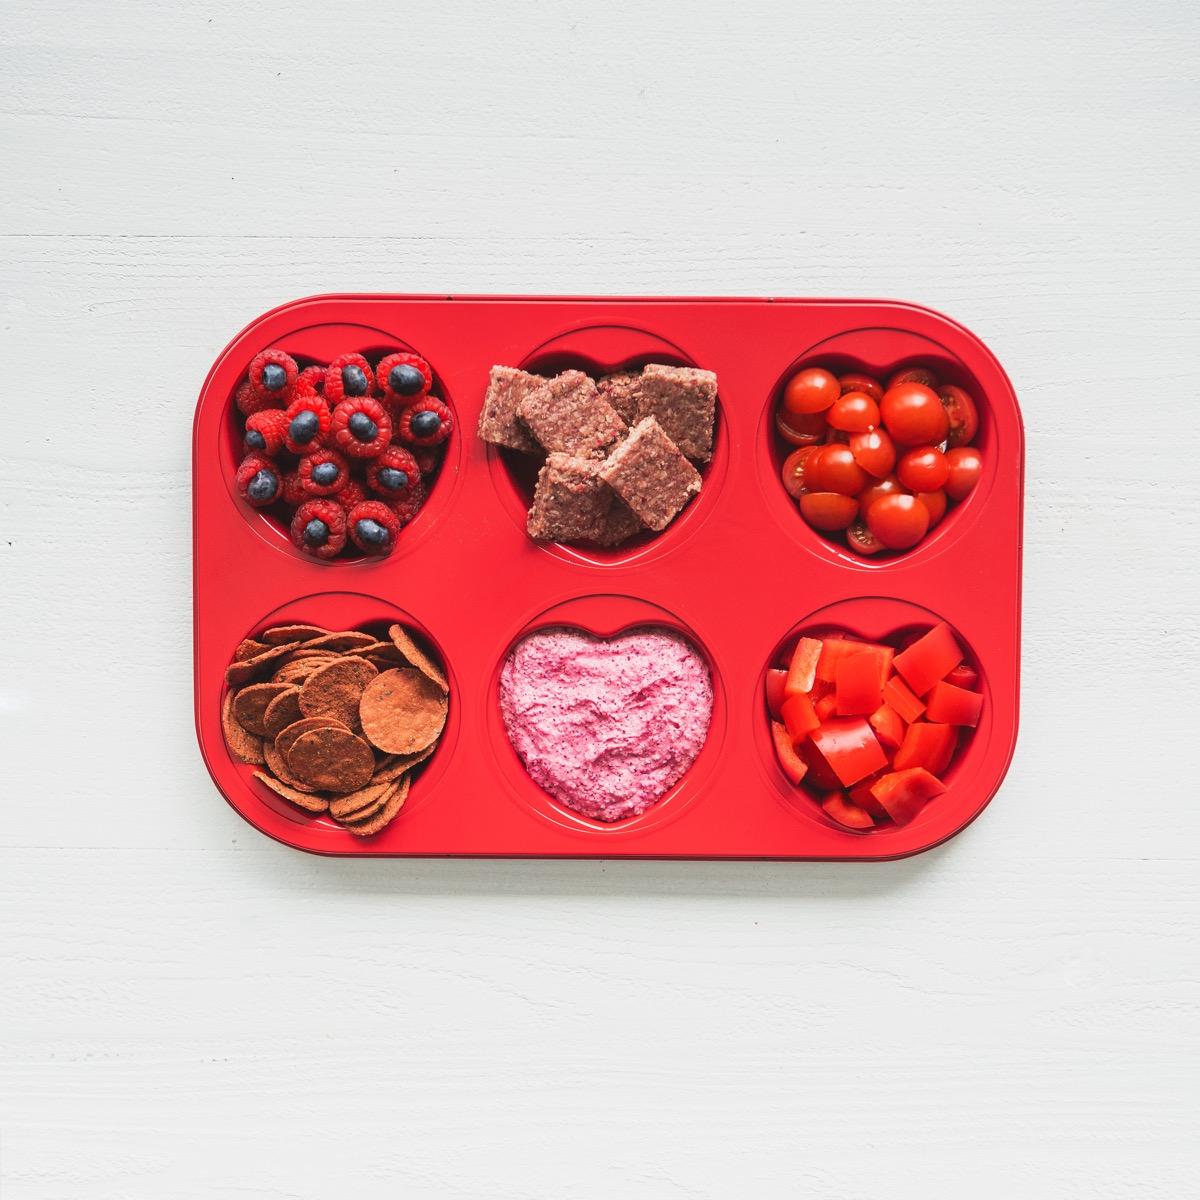 Snacktivity Heart Tray